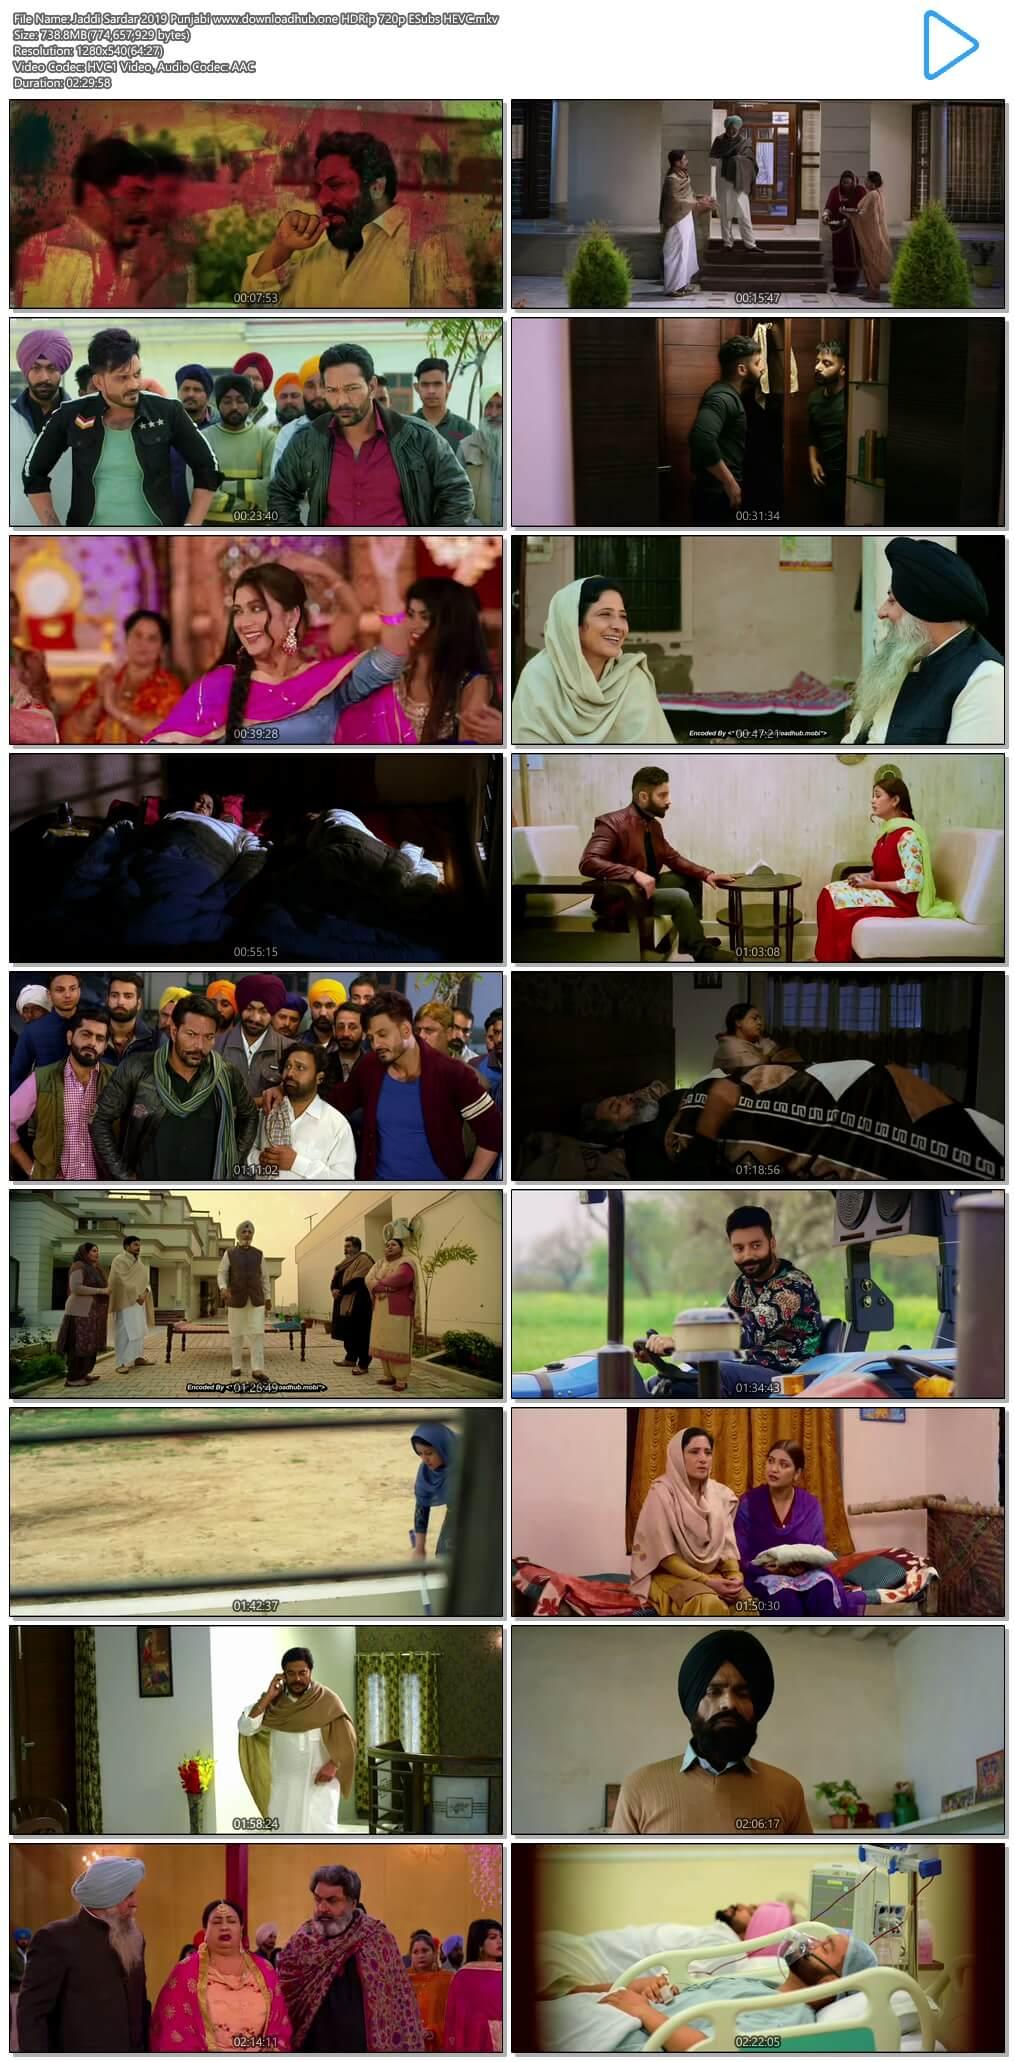 Jaddi Sardar 2019 Punjabi 700MB HDRip 720p ESubs HEVC